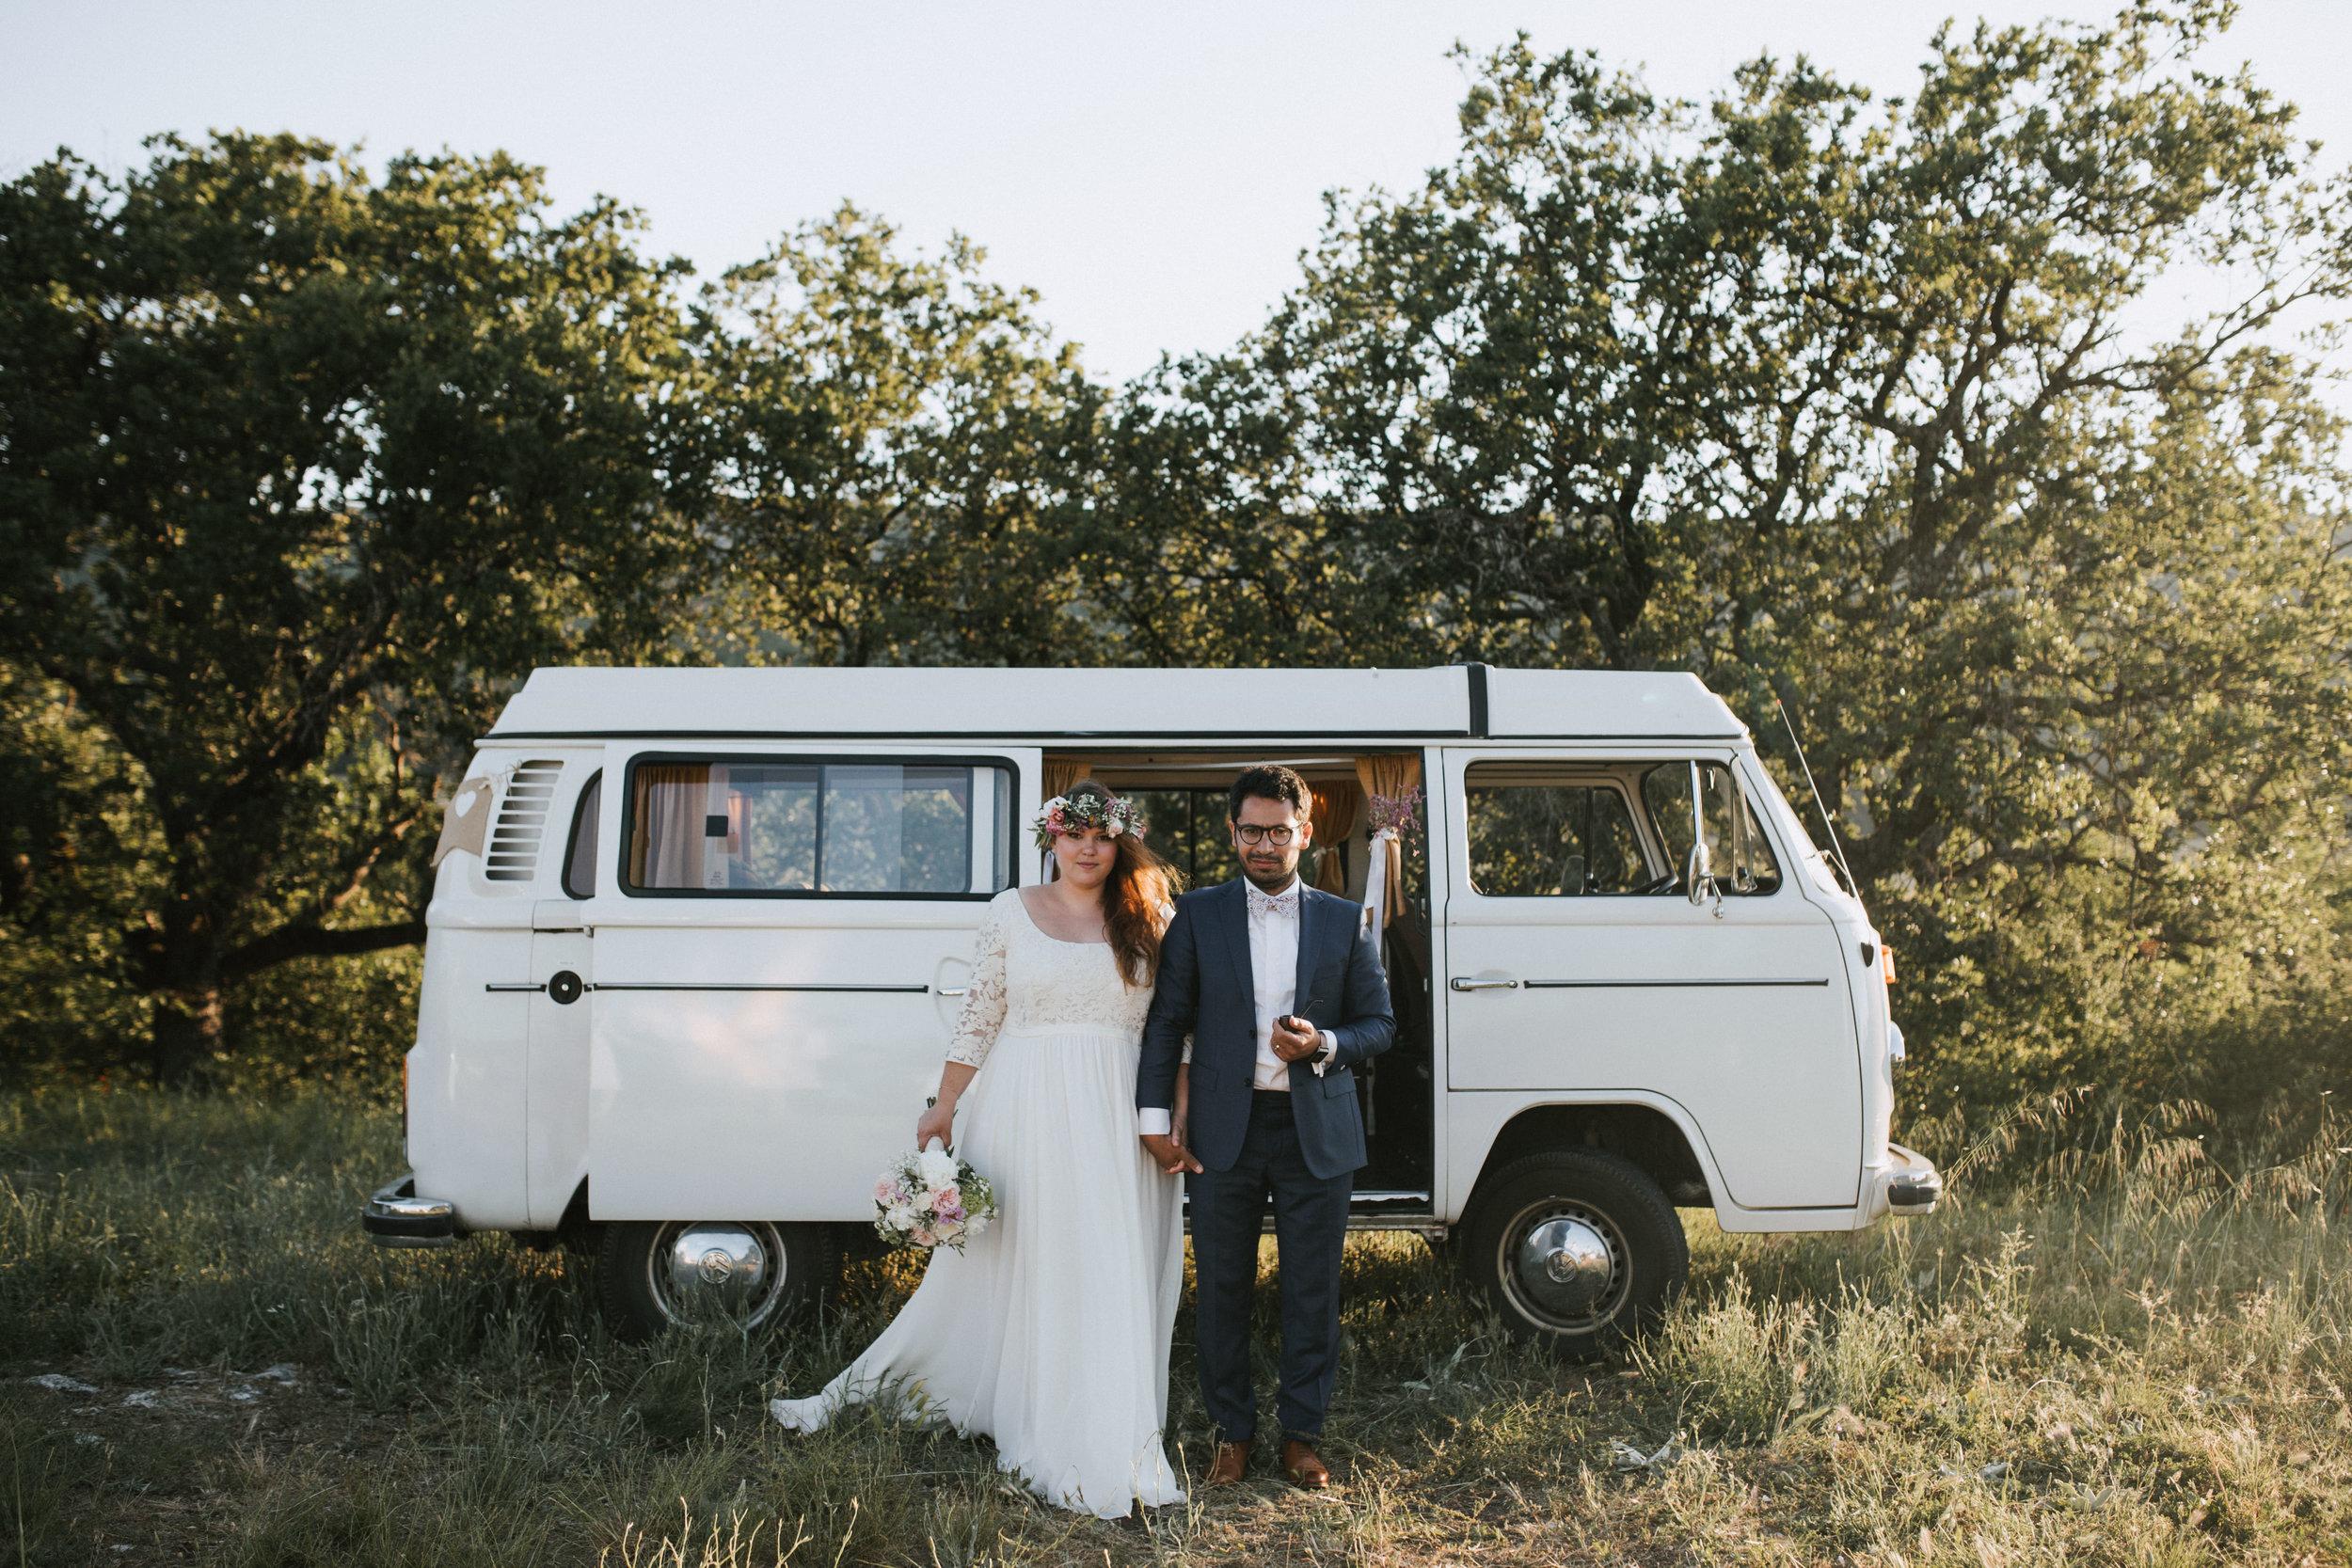 wedding_domaine_de_la_roquette_montmeyant_K+E_neupapphotography-635.jpg